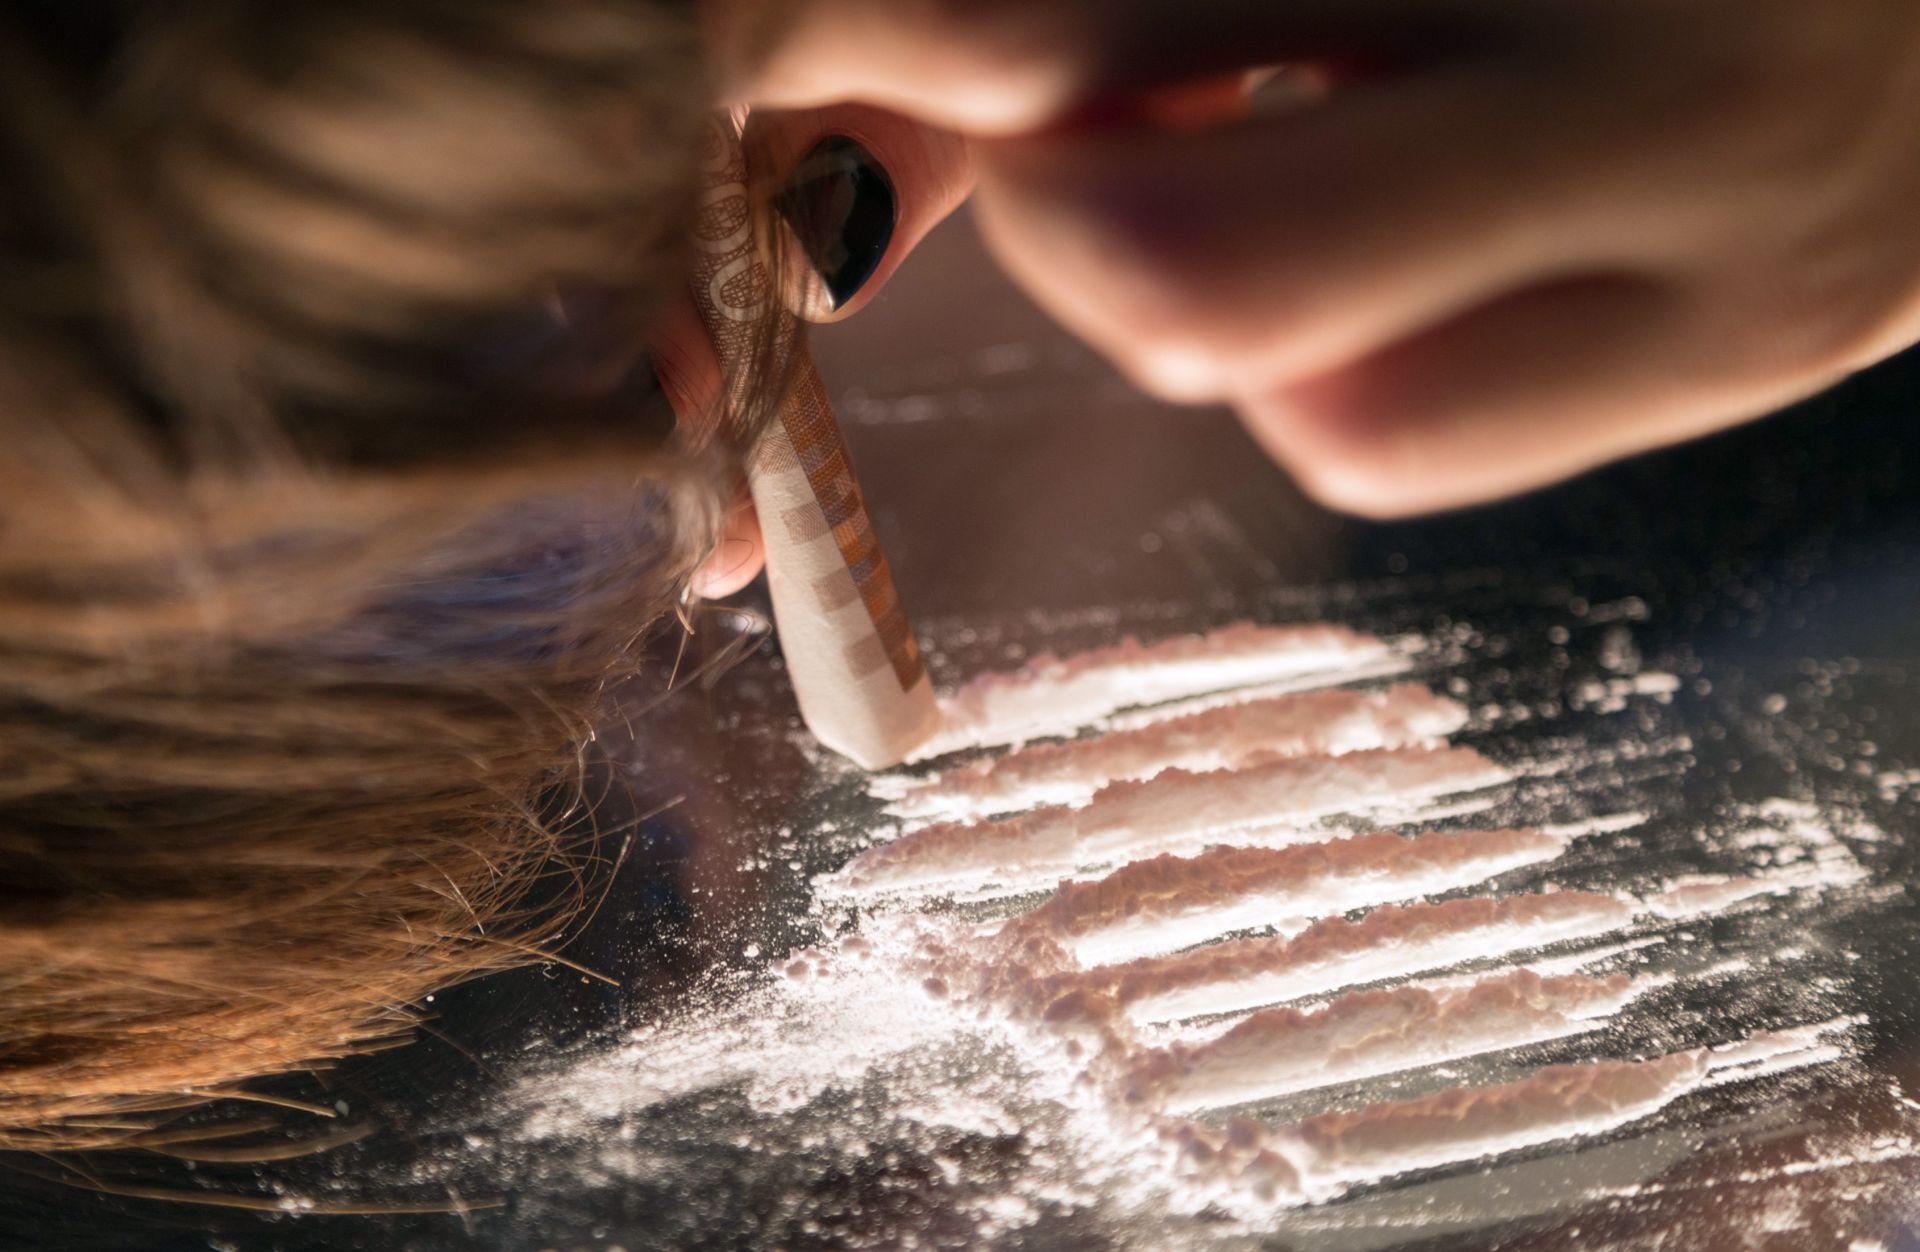 SRBIJA Otkrivena nova droga, 800 puta jača od marihuane